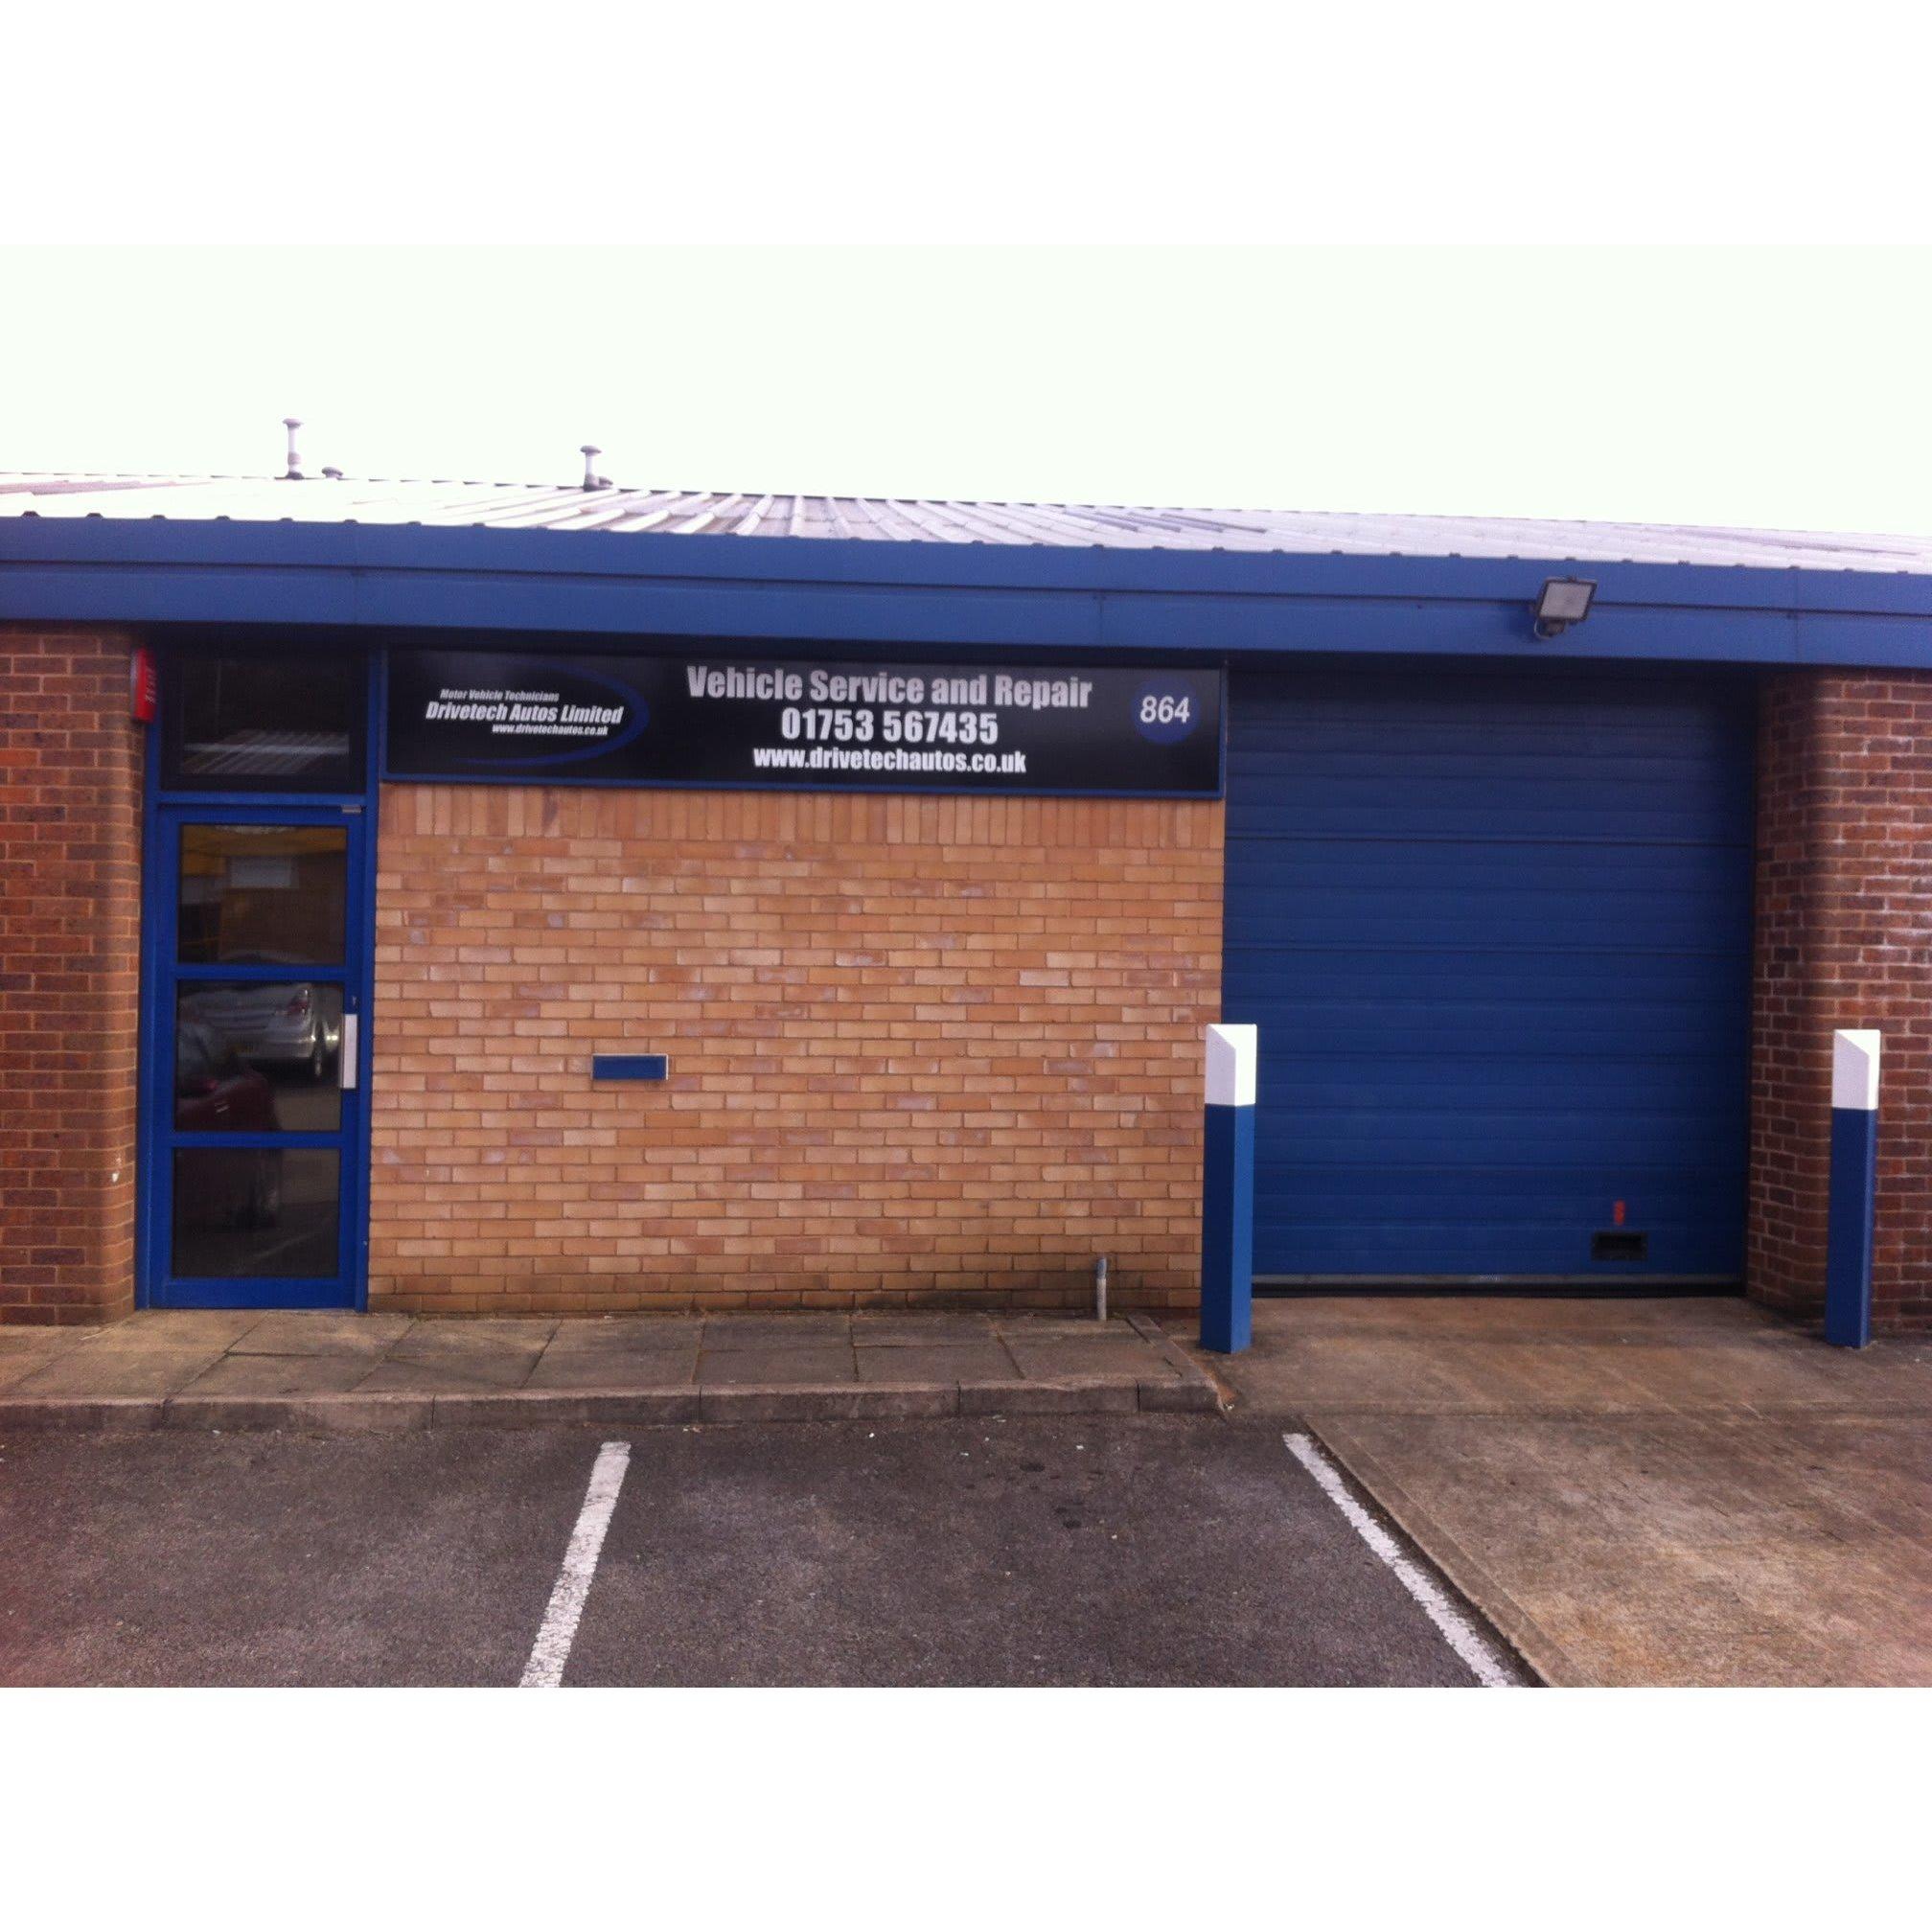 Drivetech Autos Ltd